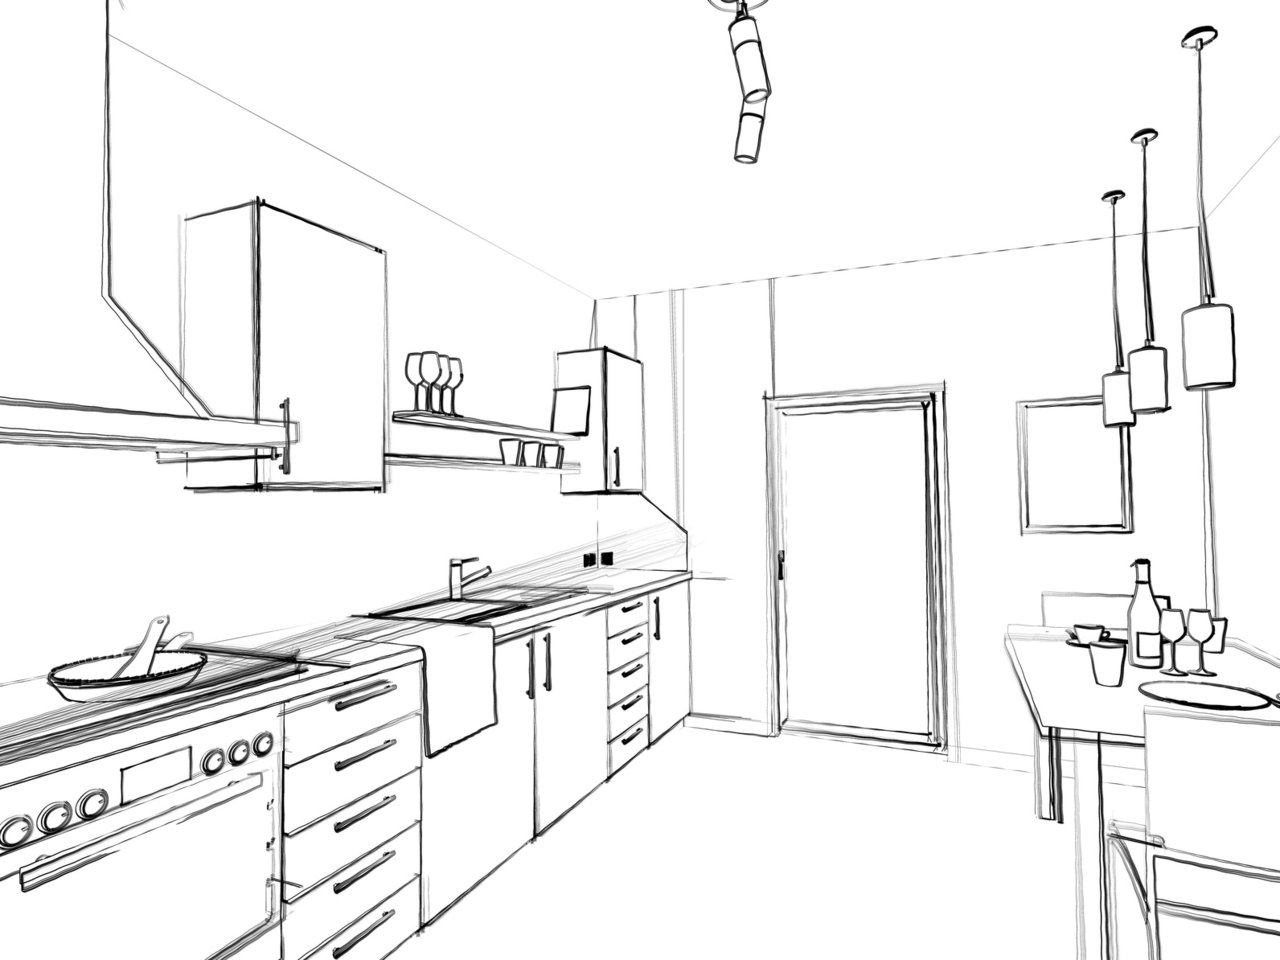 die schreinerk che individuell sch n und langlebig schreinerei ralf lenz. Black Bedroom Furniture Sets. Home Design Ideas